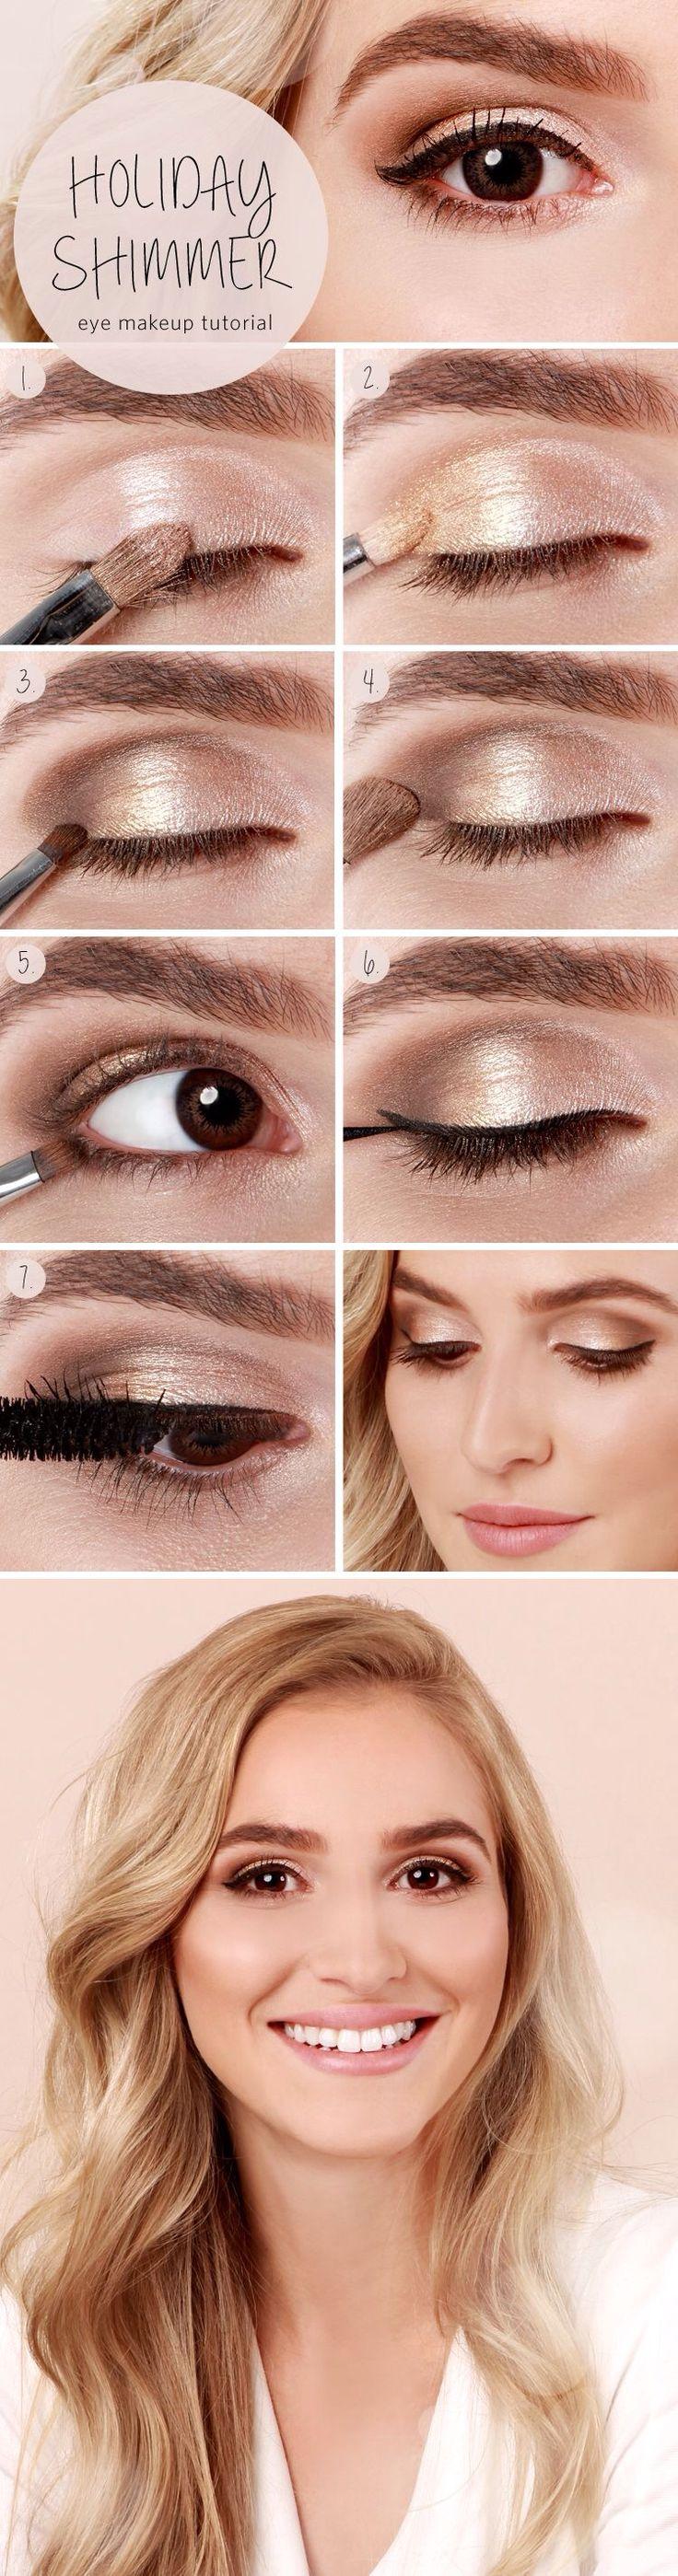 Simple, natural holiday shimmer eye makeup